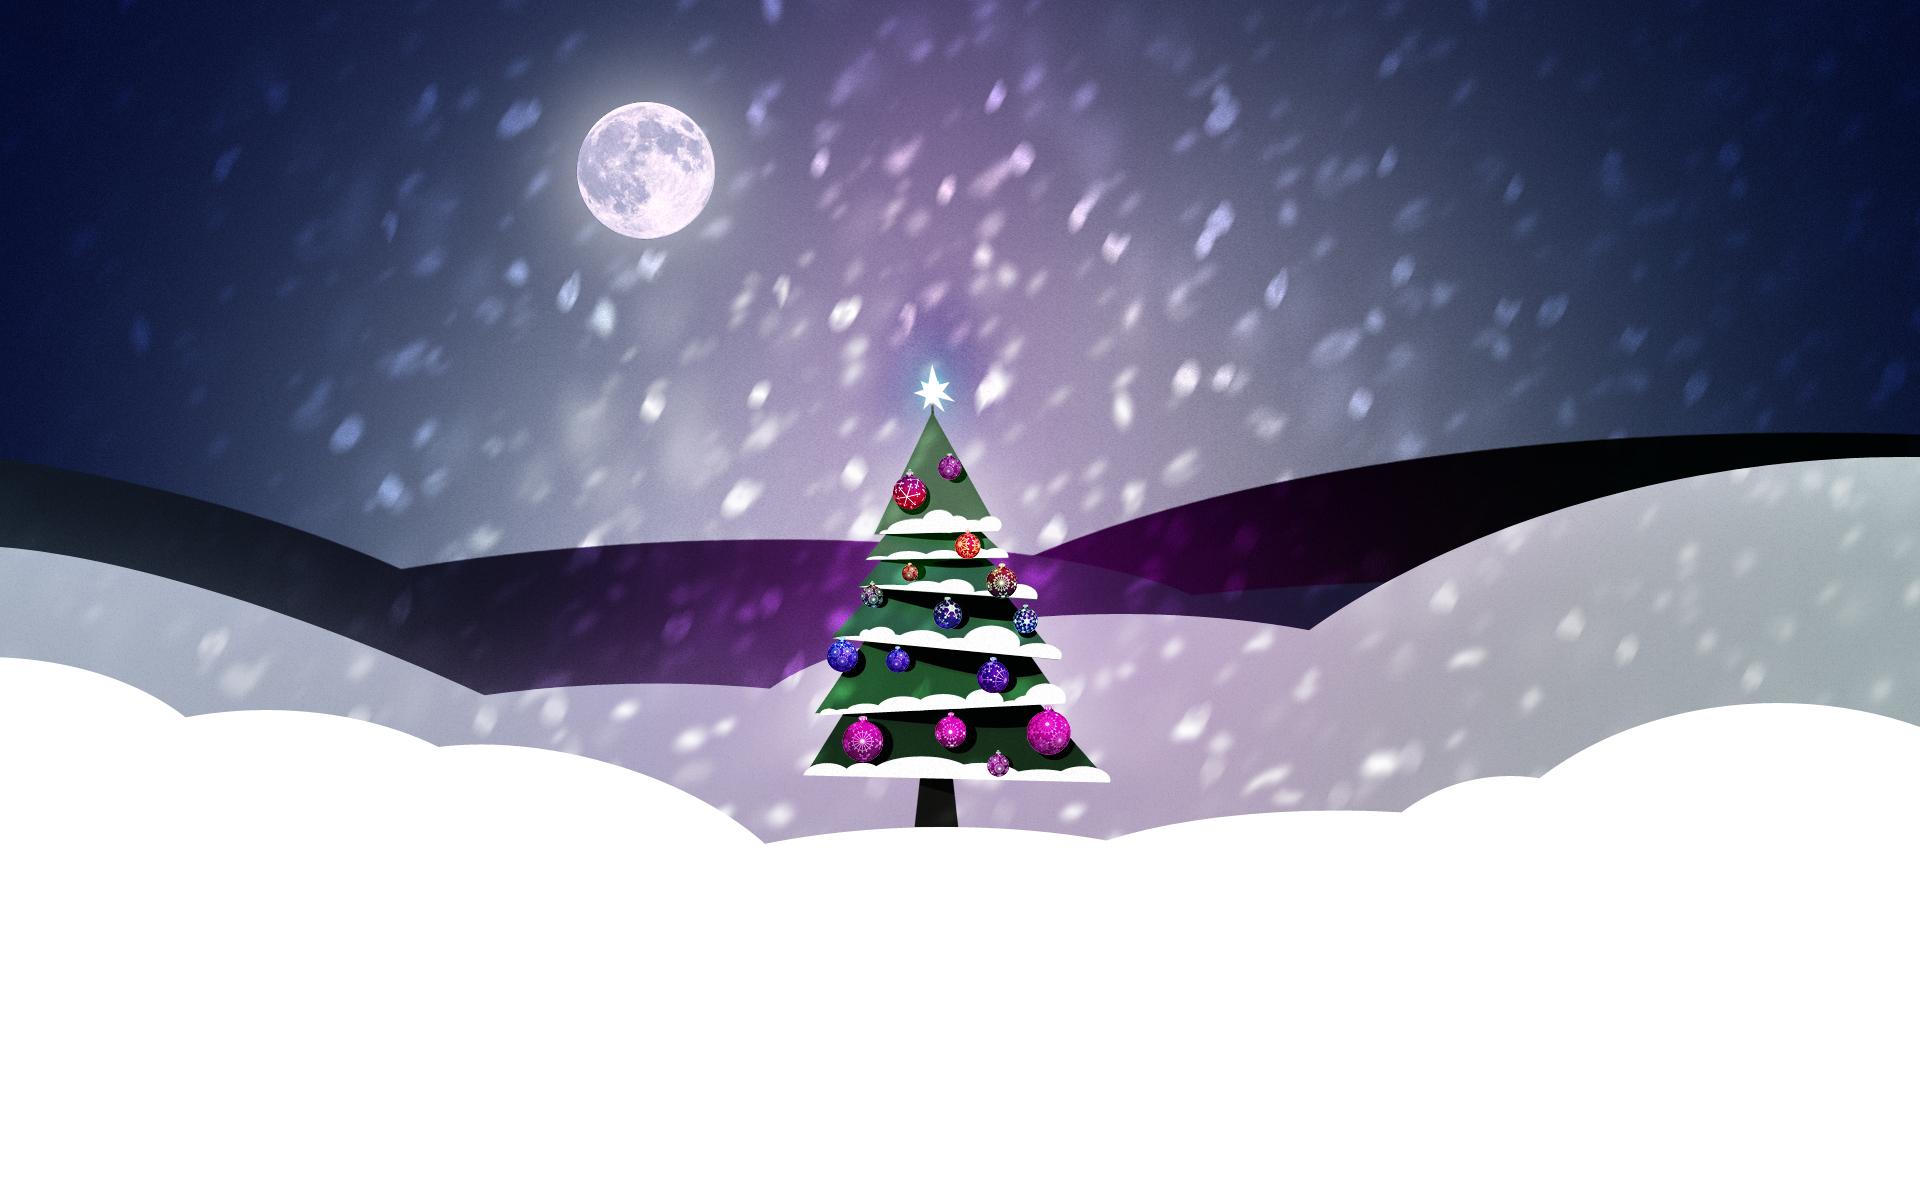 Imagen de un árbol de Navidad en un paraje nevado a la luz de la luna